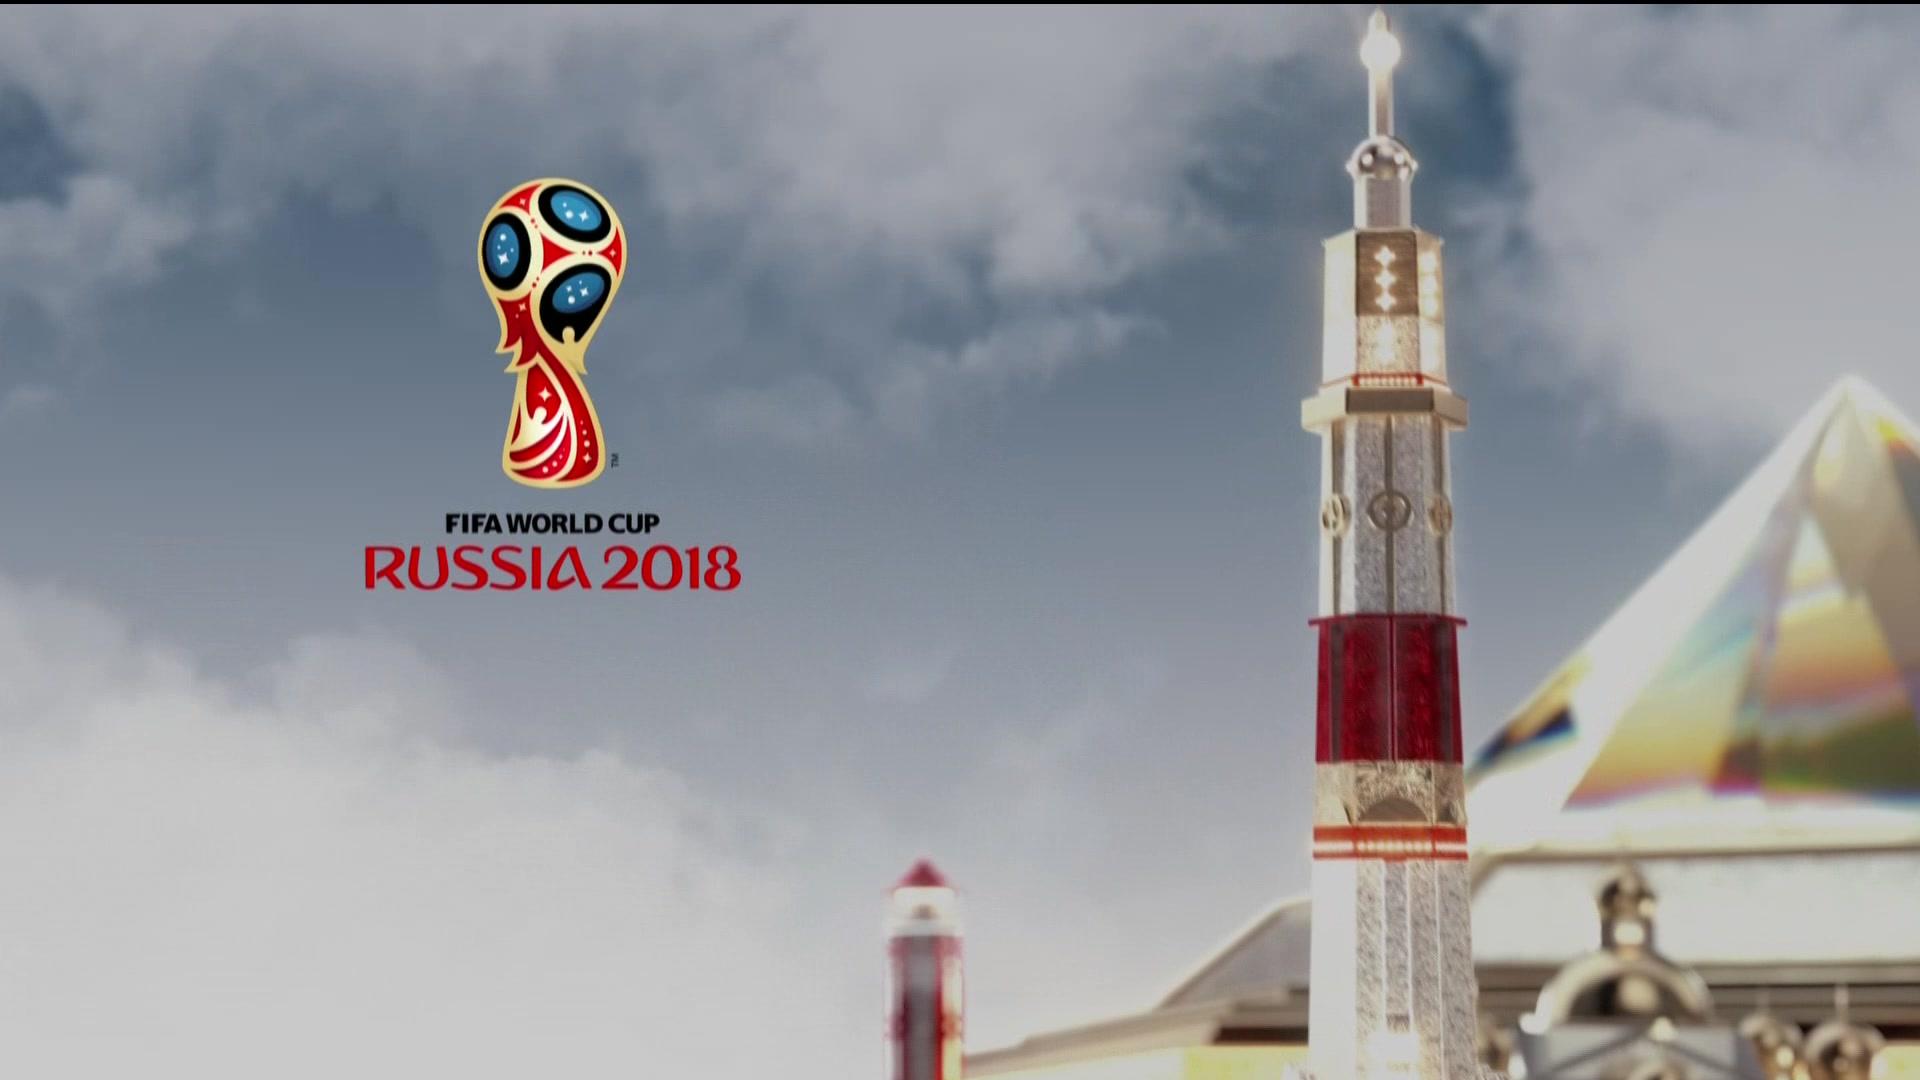 25.06.2018 - Футбол. Әлем чемпионаты - 2018. Иран – Португалия (Толық нұсқа)